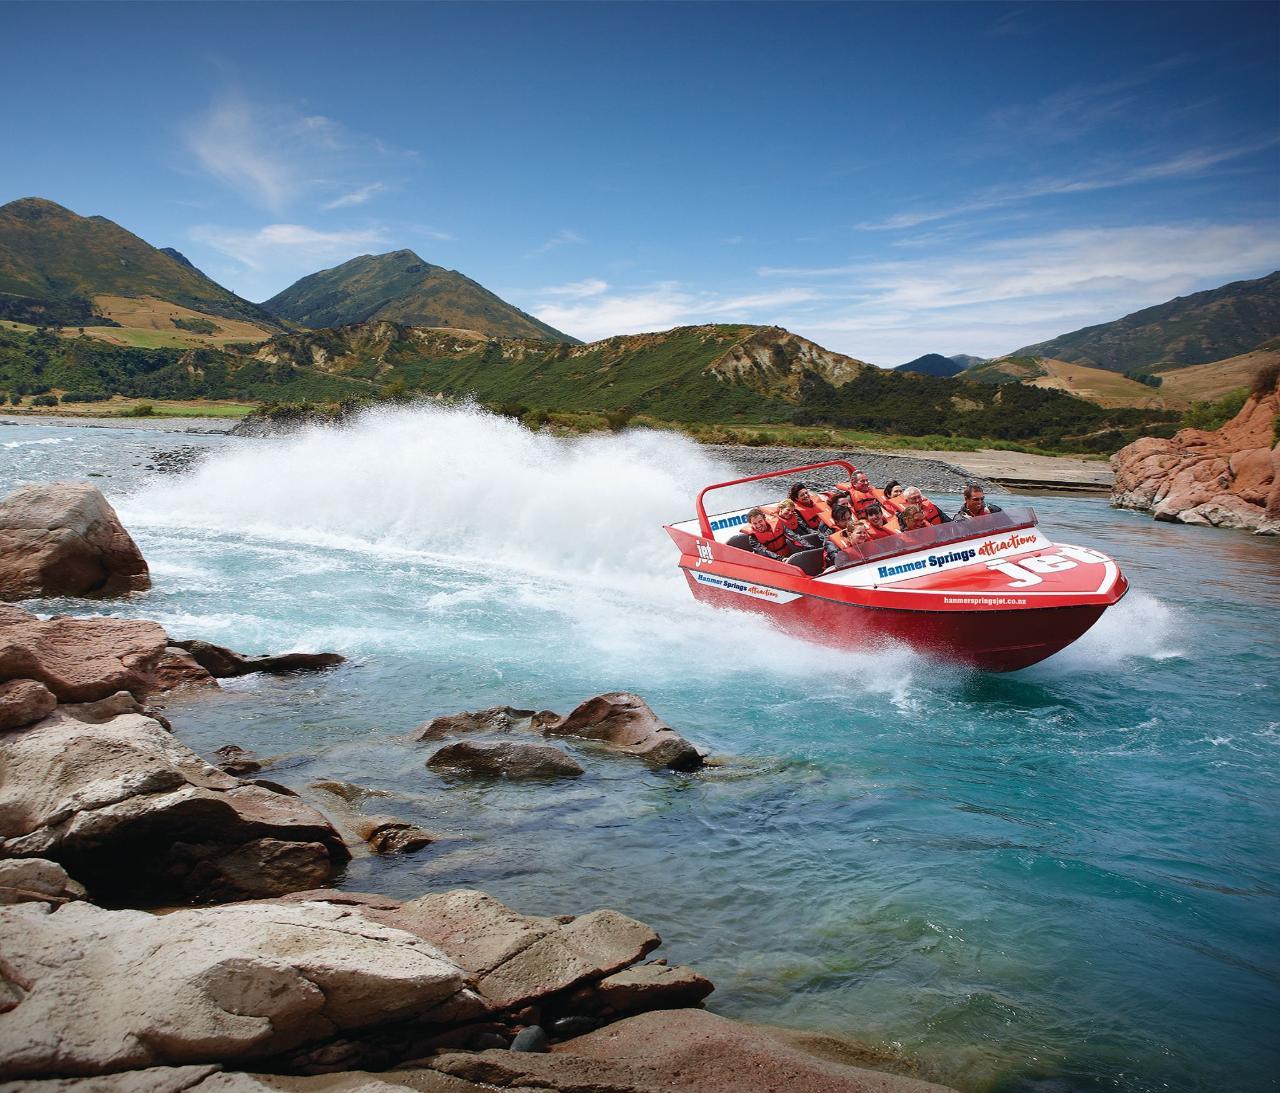 Hanmer Springs Jet Boat